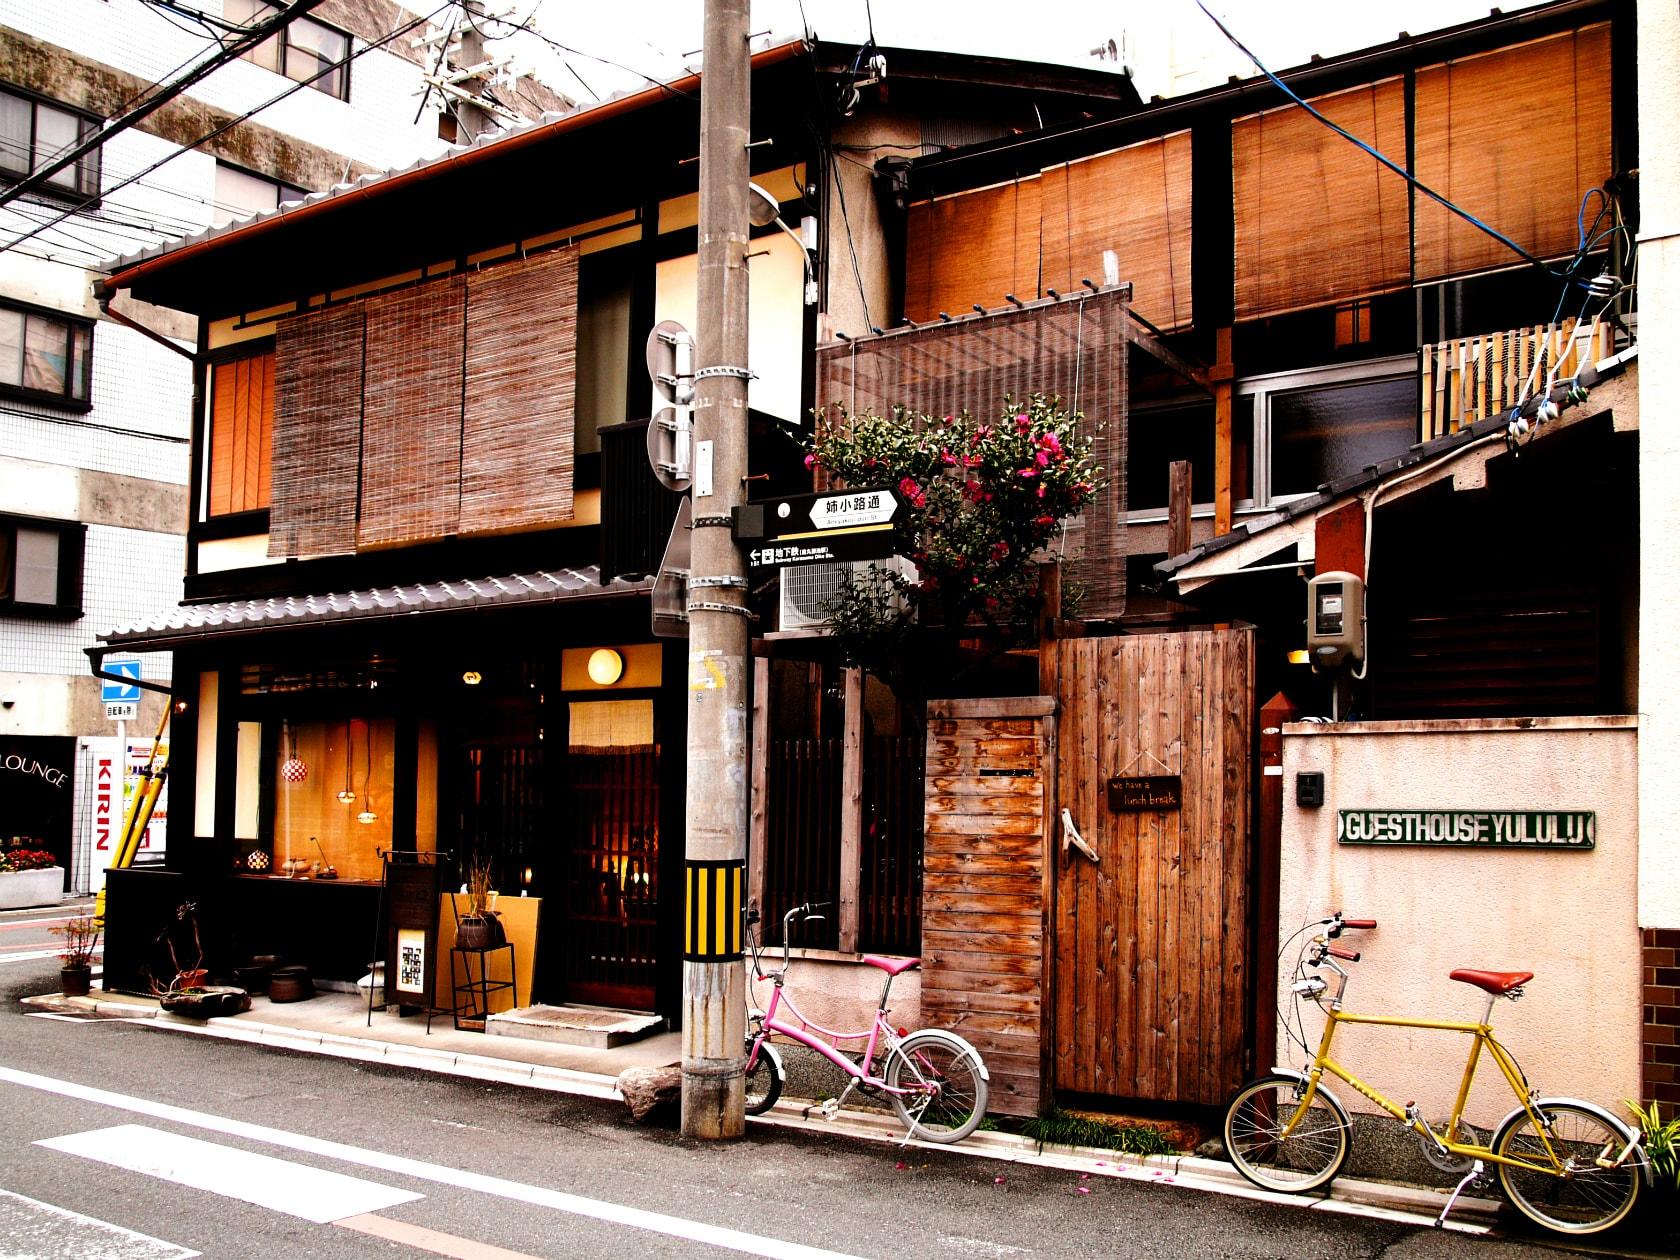 |アルバイト・パート|京都|【アルバイト募集】京都の町家ゲストハウスゆるる